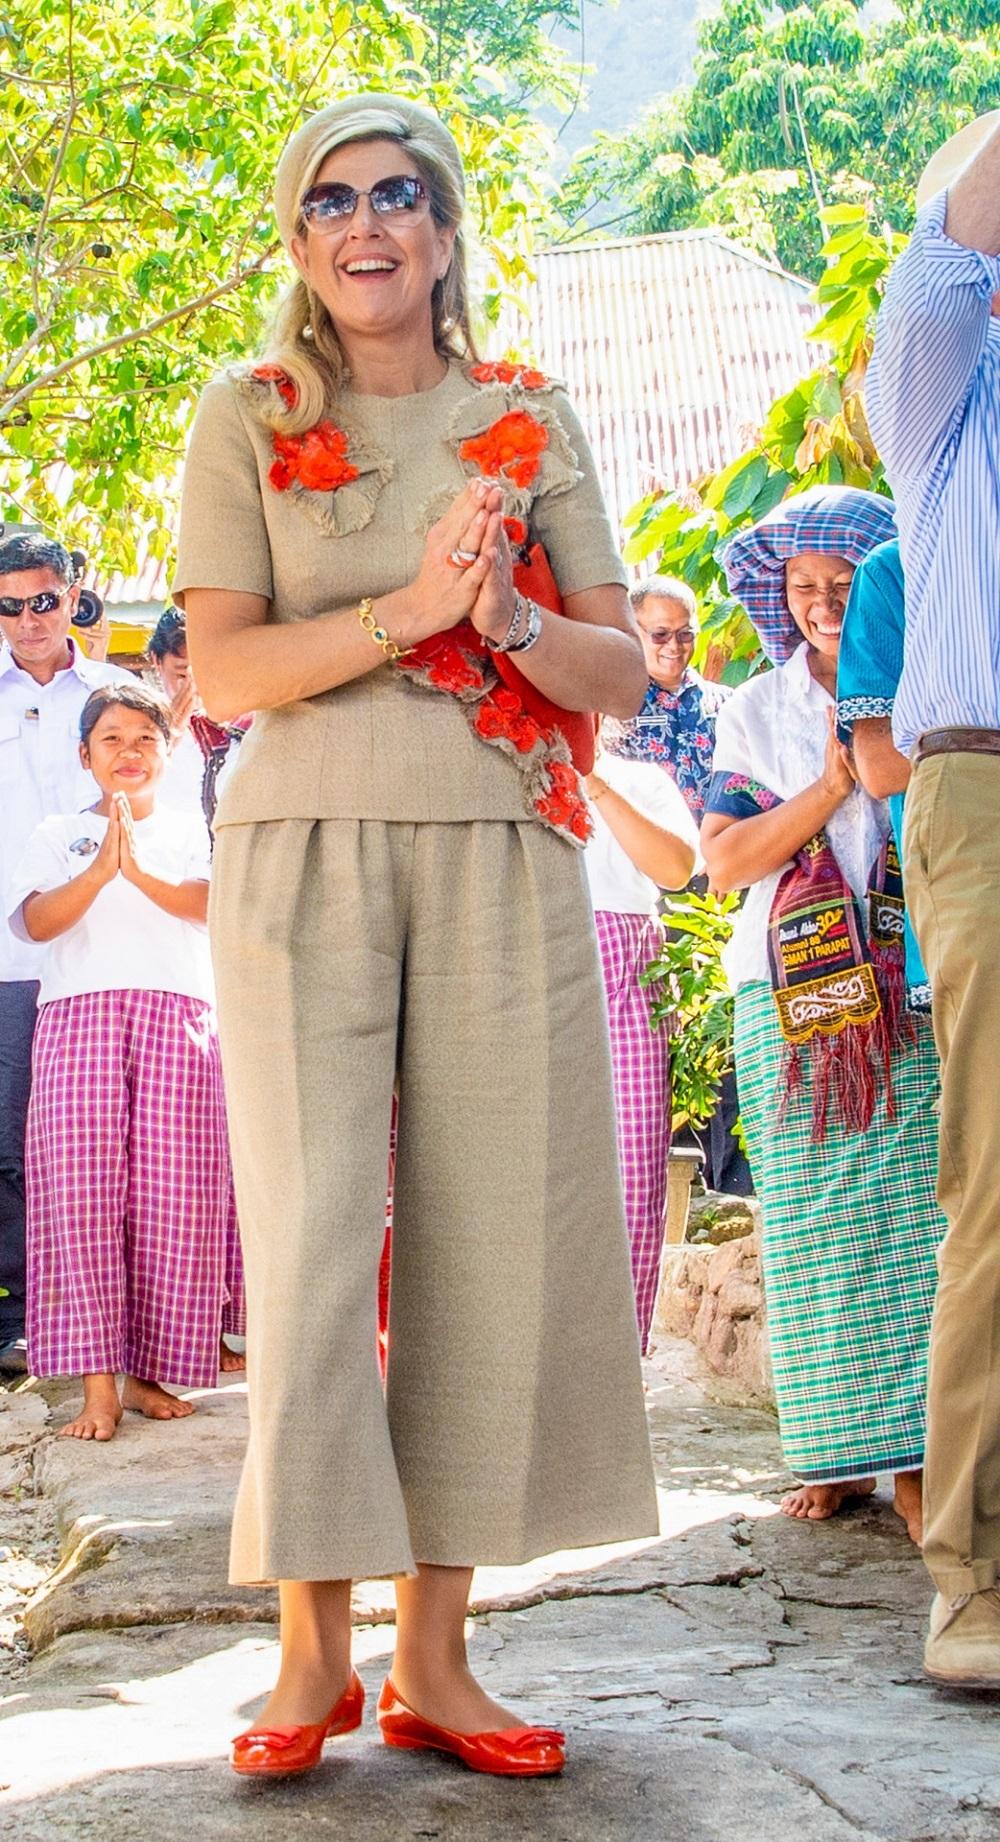 La reina Máxima en el último viaje oficial a Indonesia en marzo de 2020 con culotte y bailarinas.